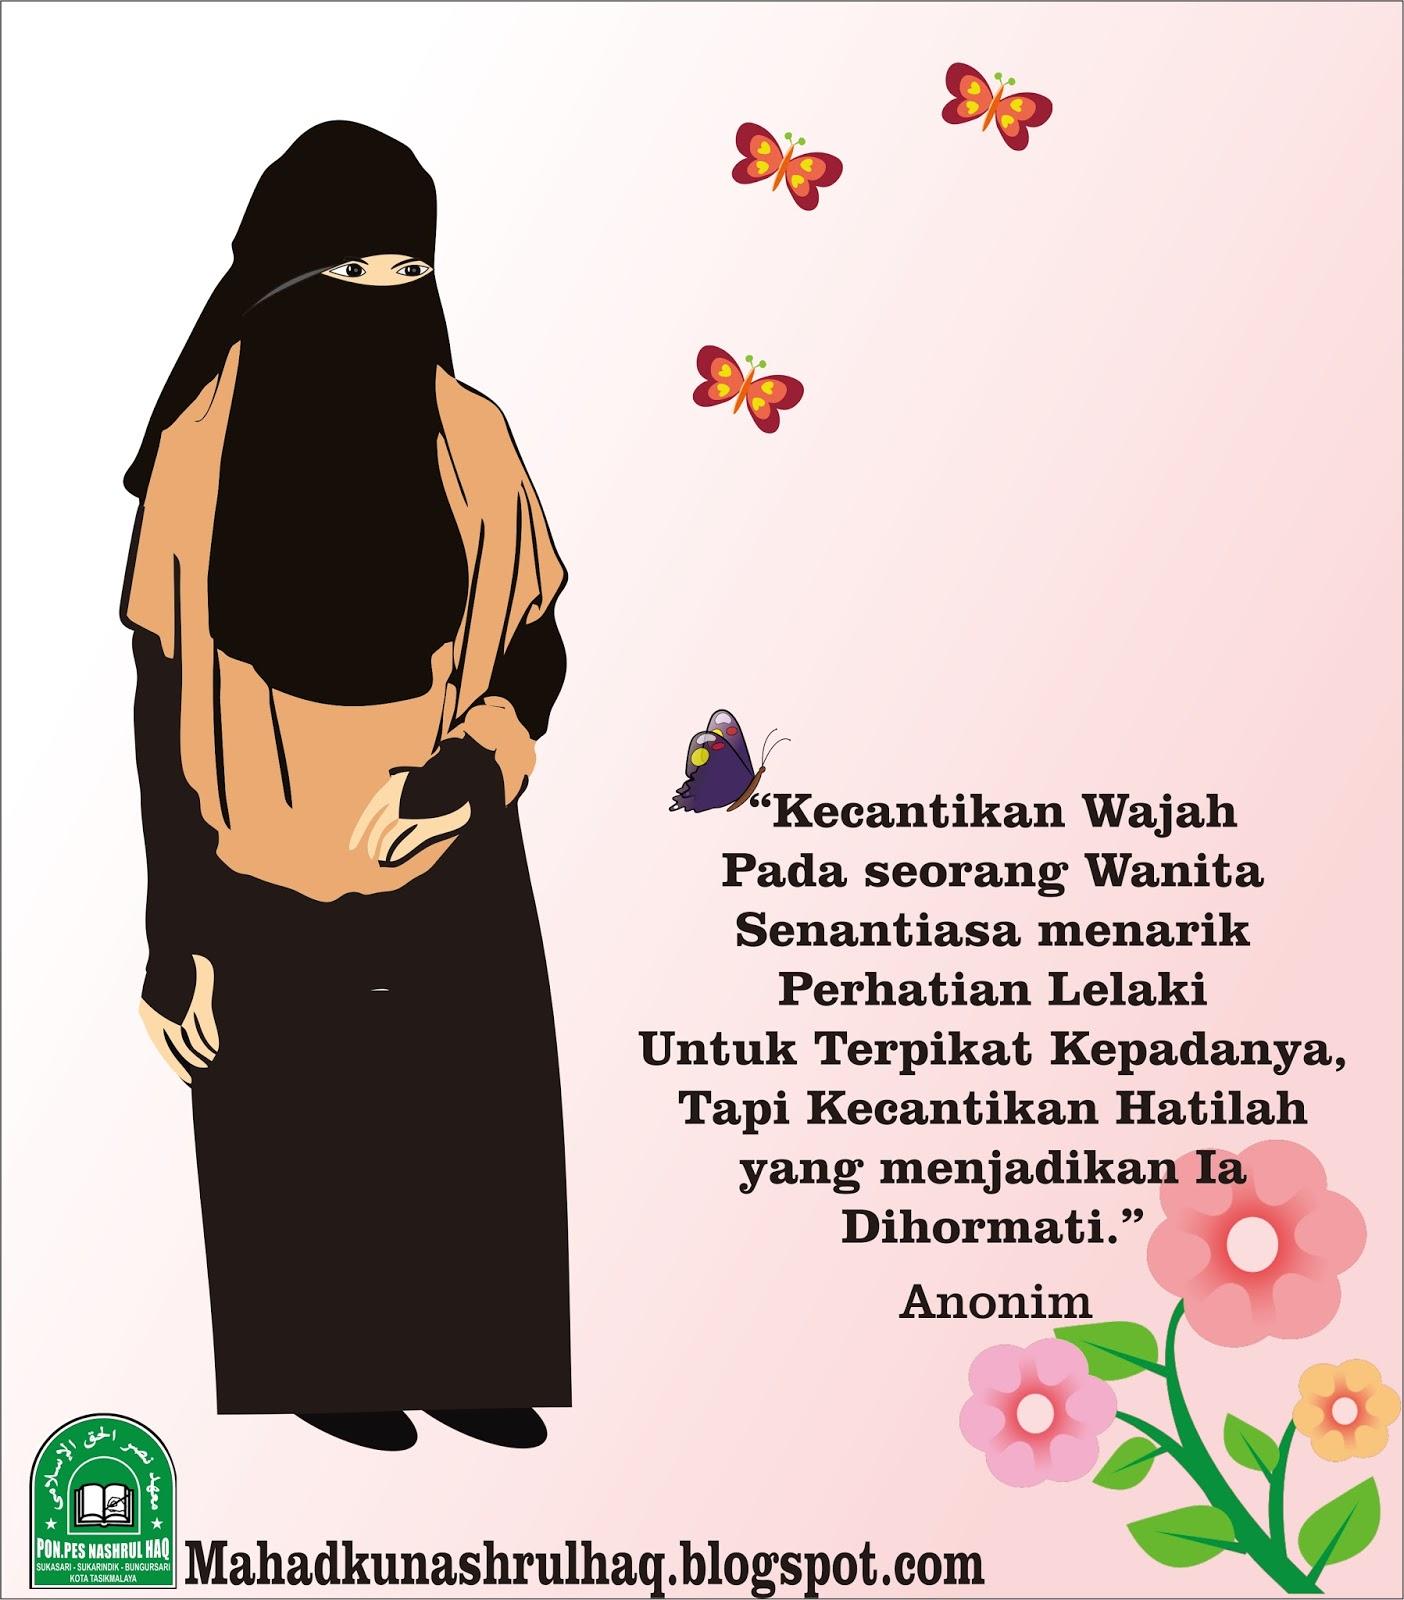 50 Gambar Kartun Muslimah Bercadar Cantik Berkacamata